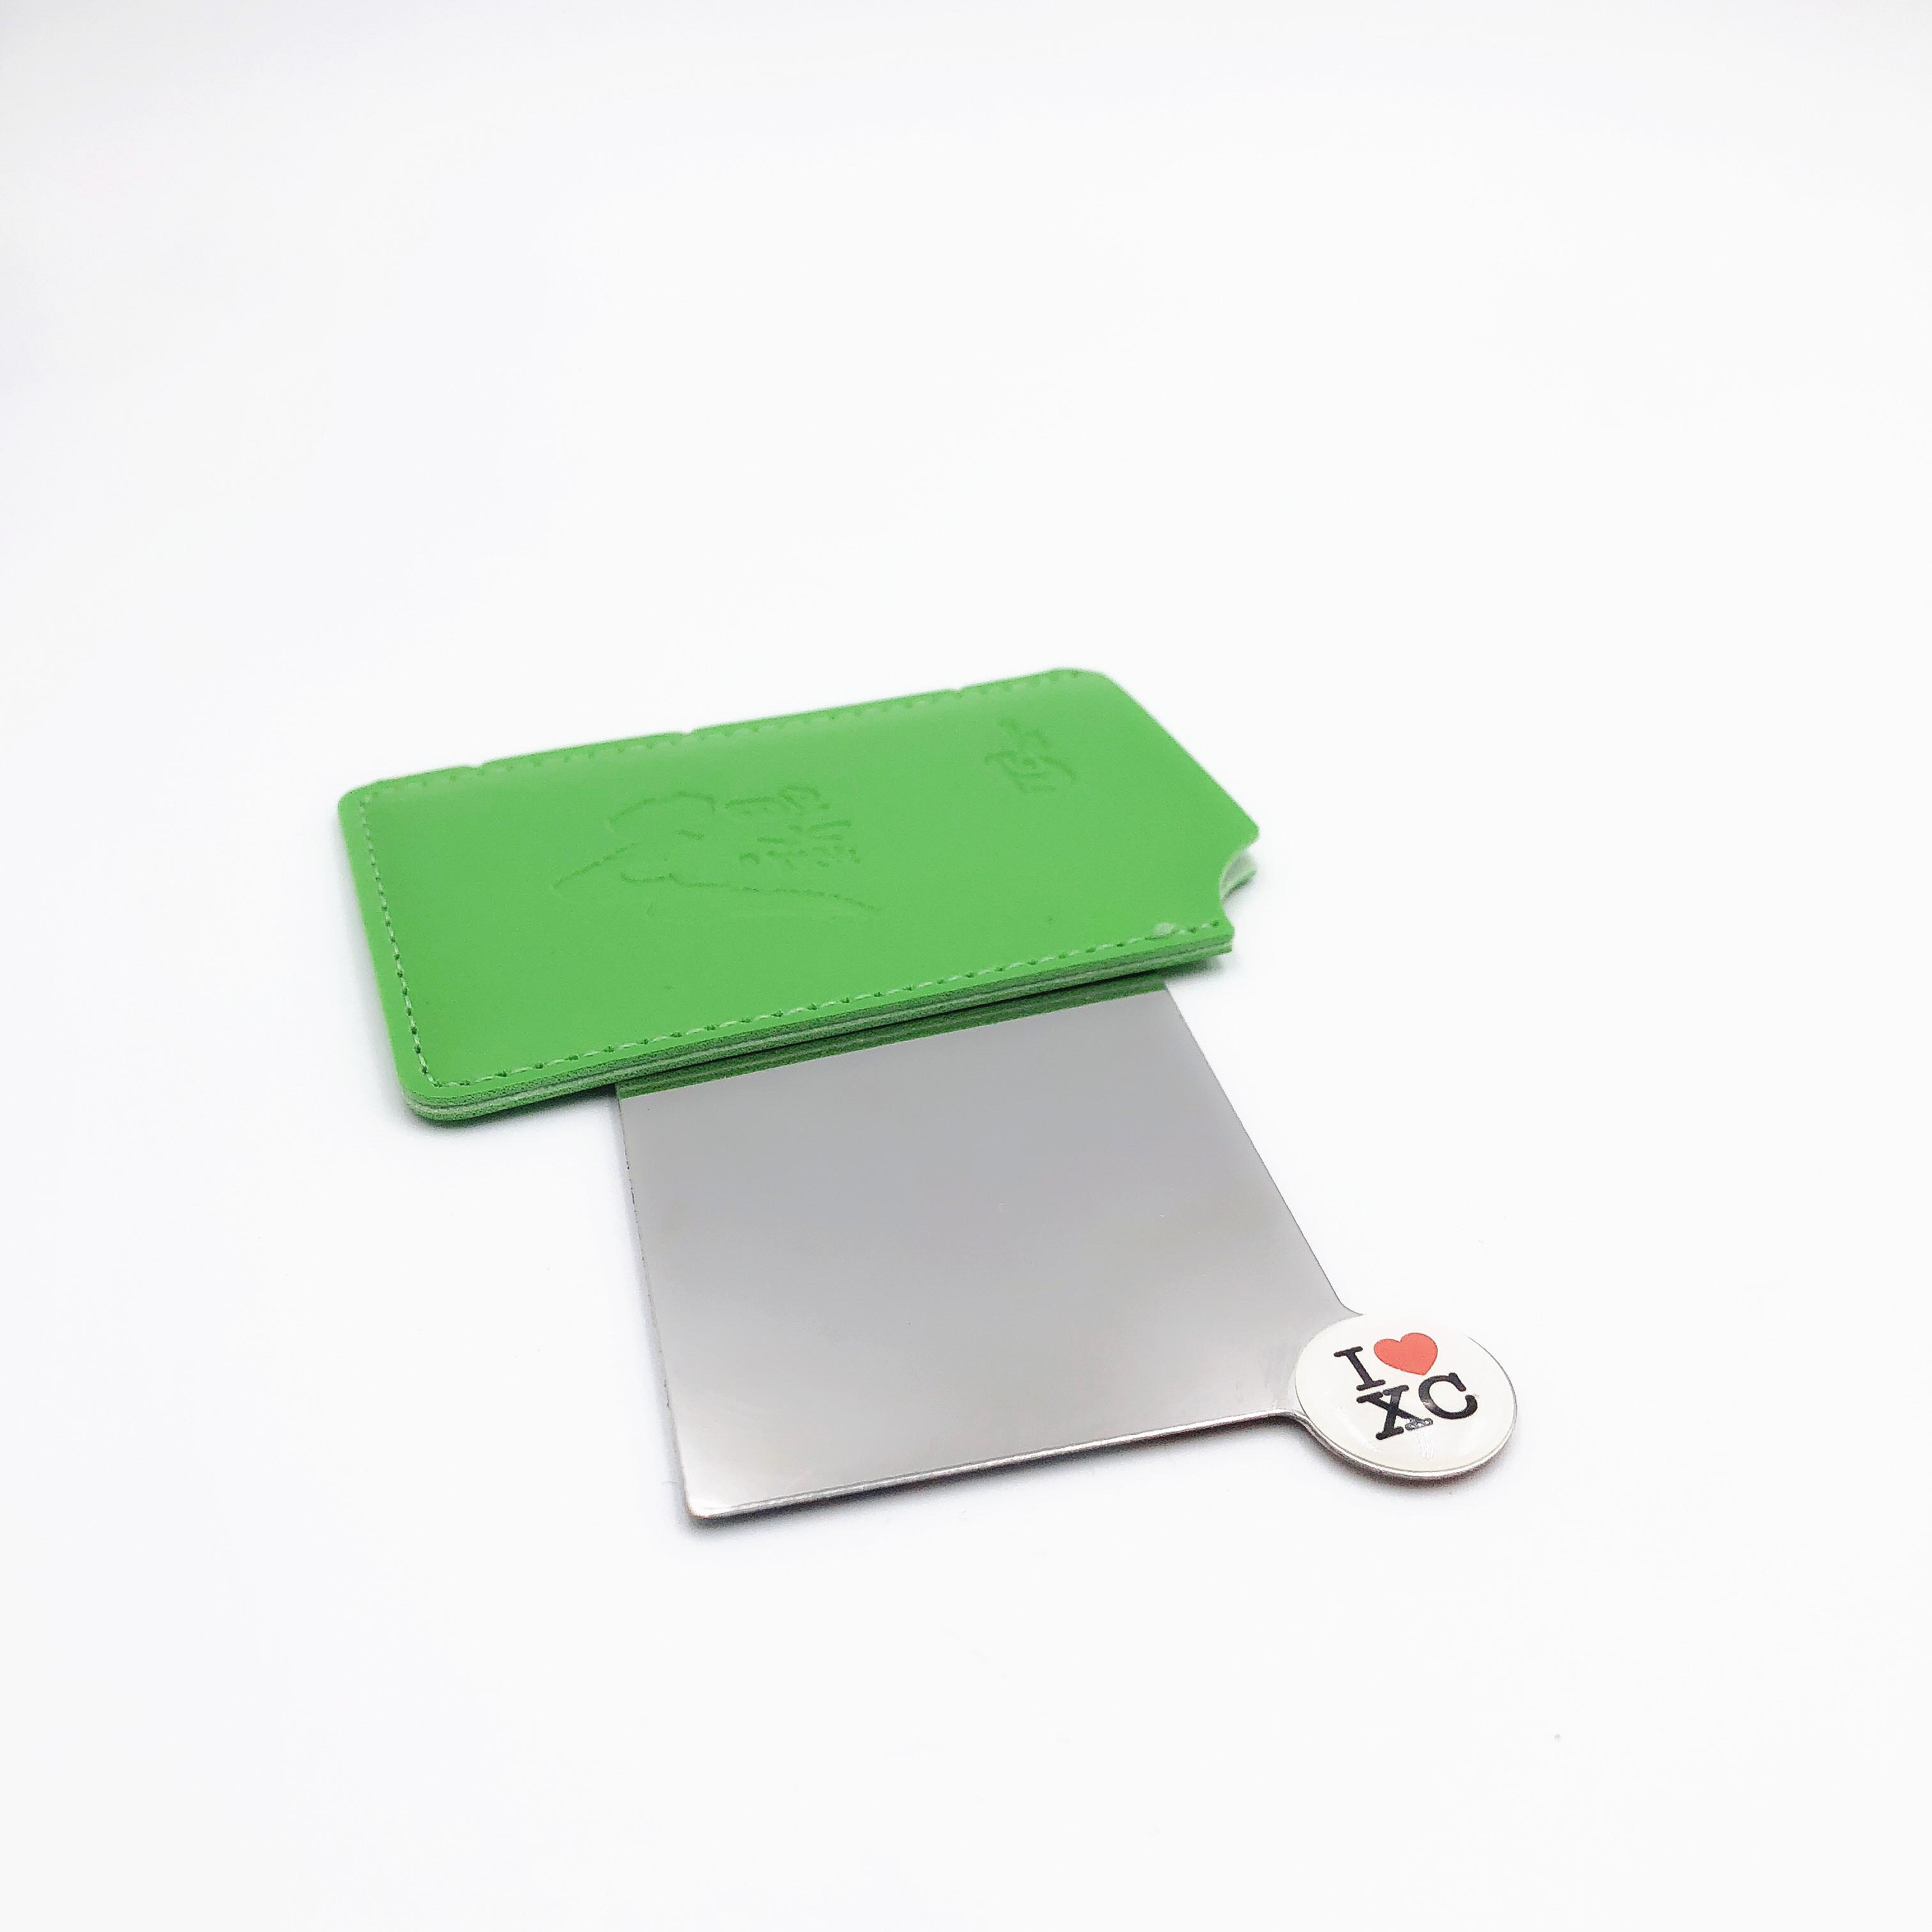 Finden Sie Hohe Qualität Spiegel Visitenkarten Hersteller